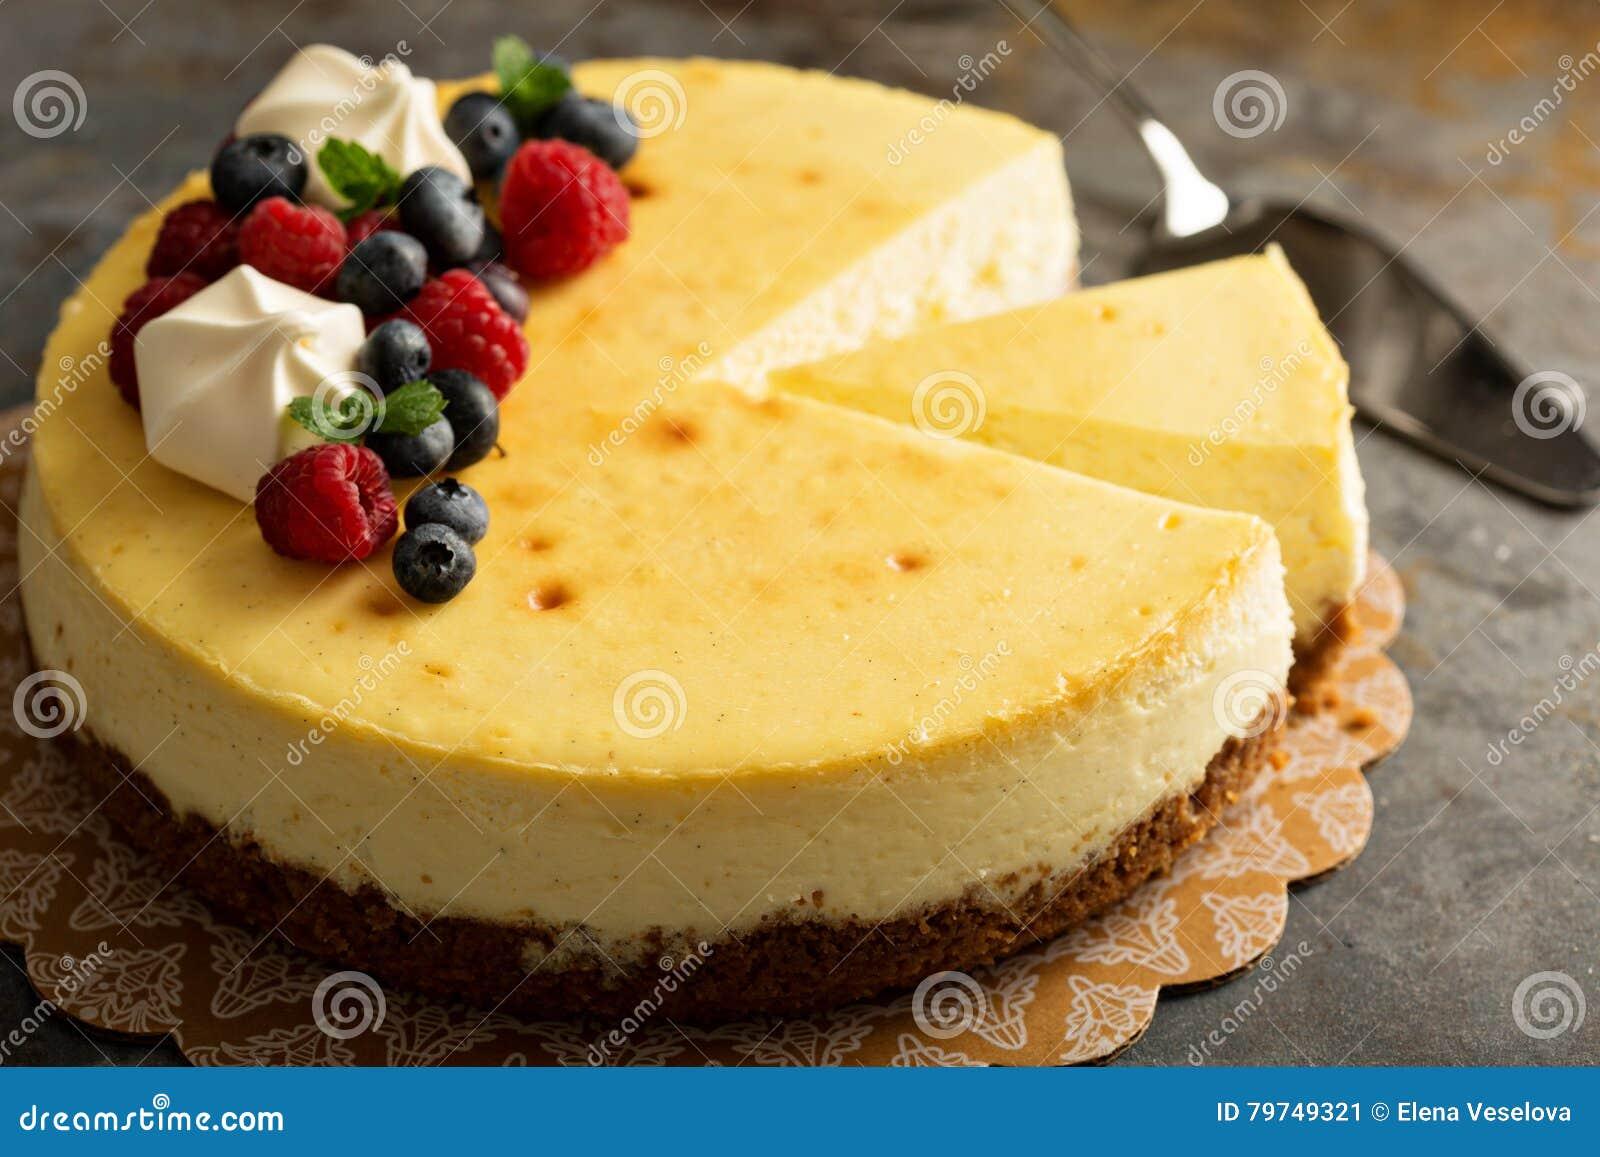 Pastel de queso de Nueva York en un soporte de la torta